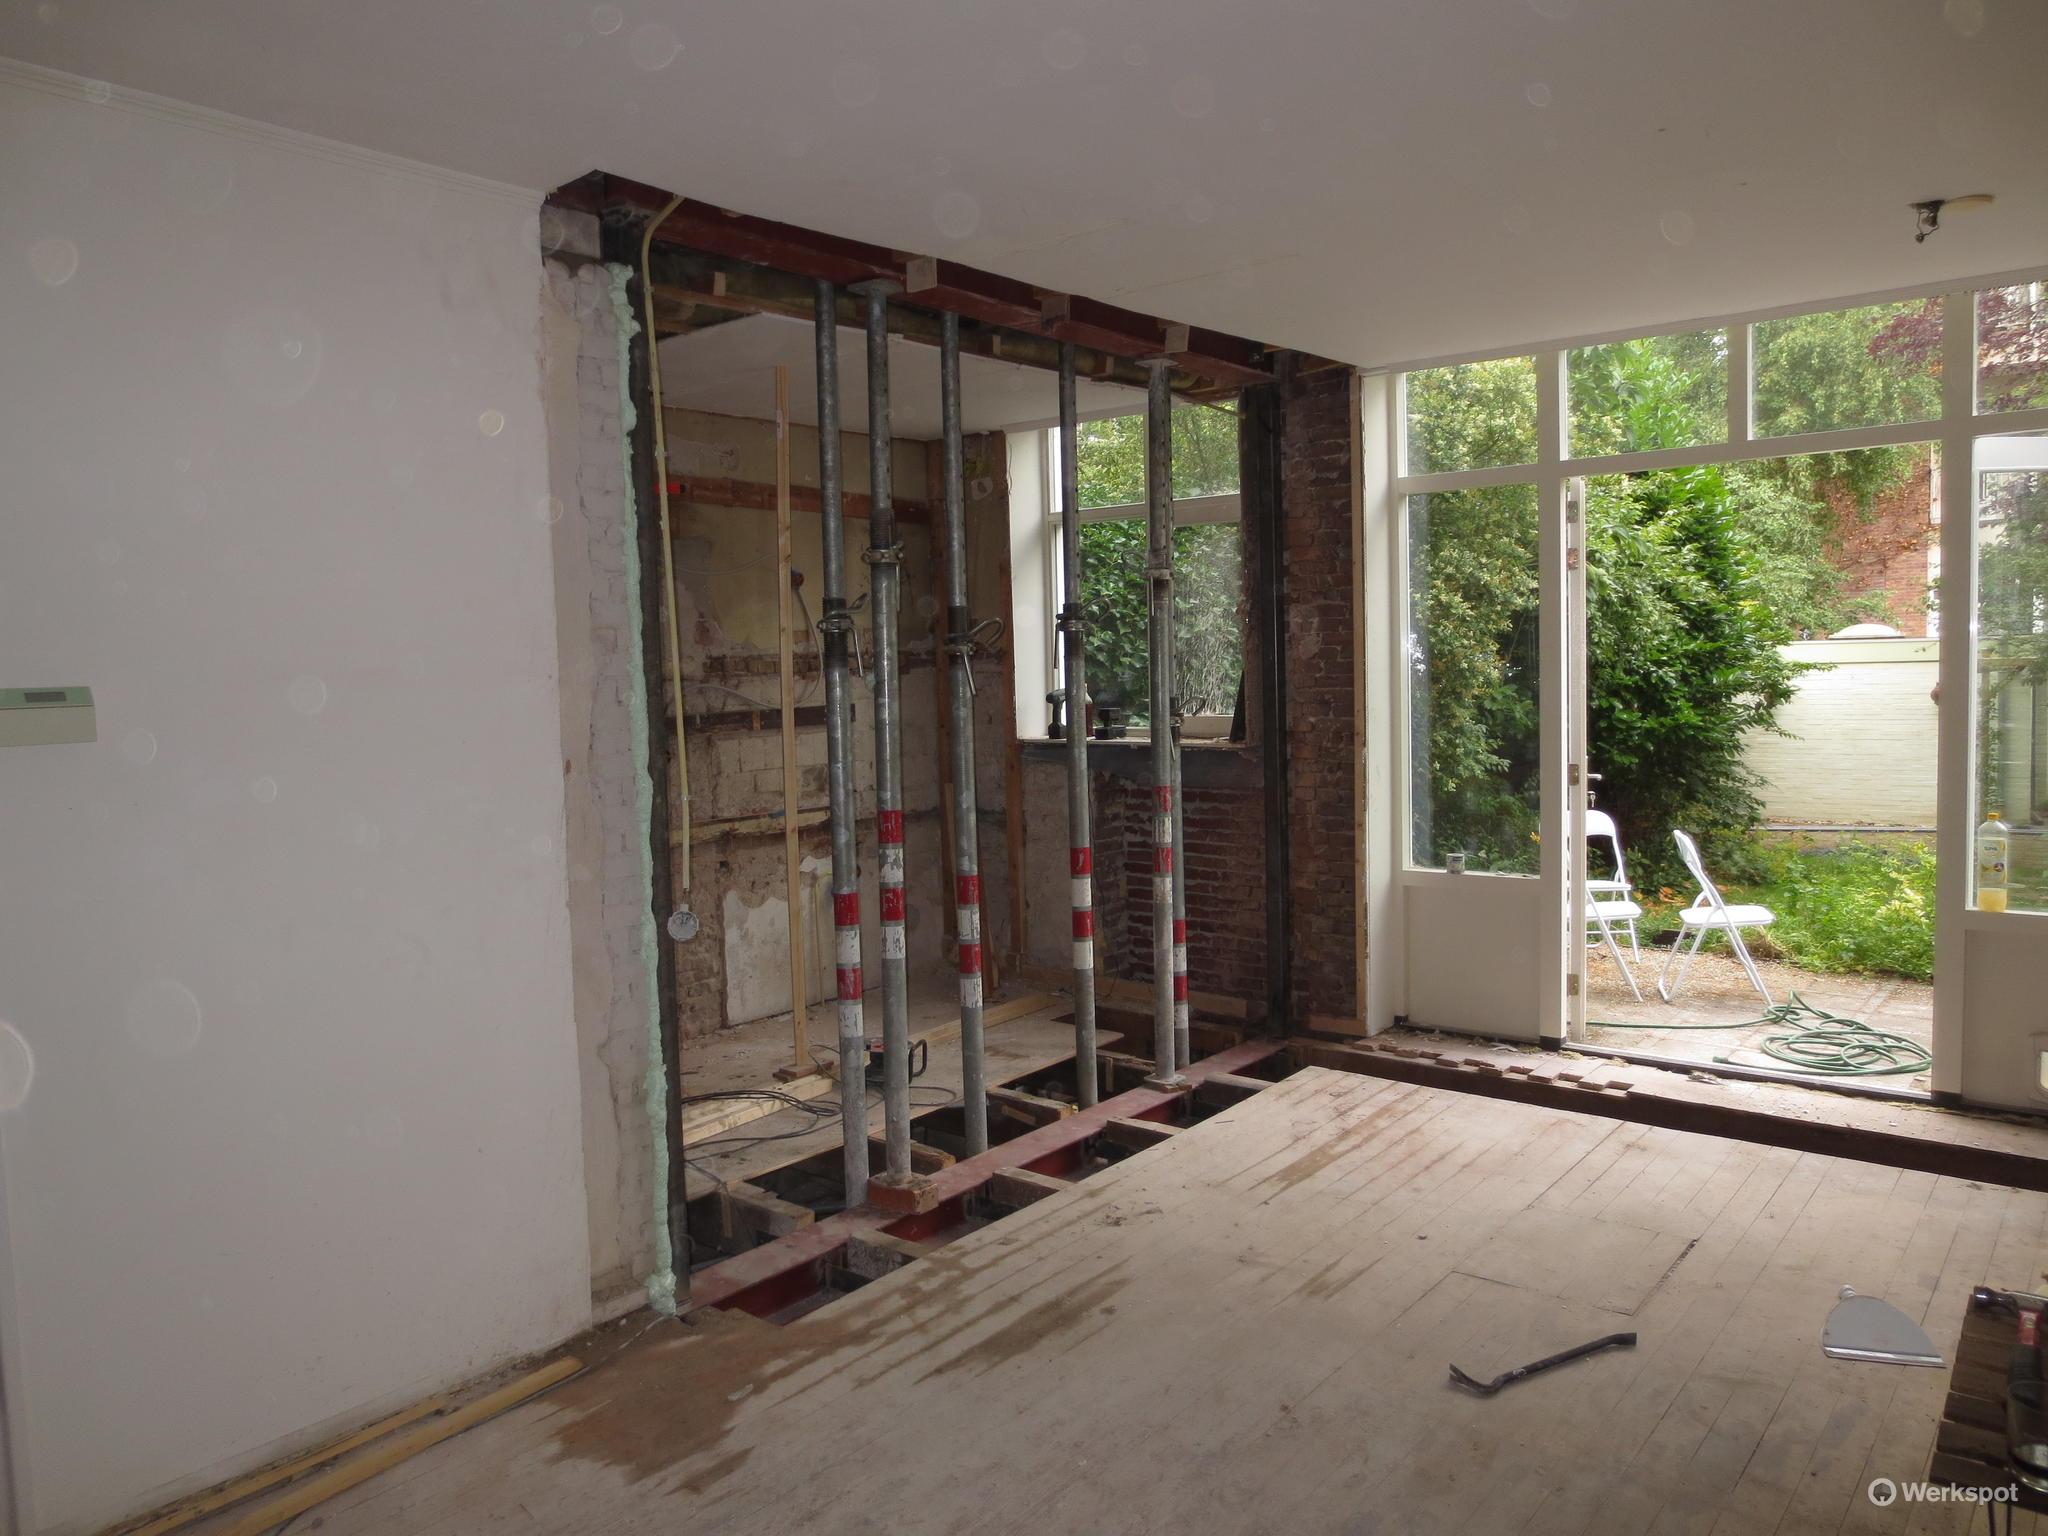 Vervangen van een steunpaal midden in keuken door horizontale draag werkspot - Plafond met balk ...